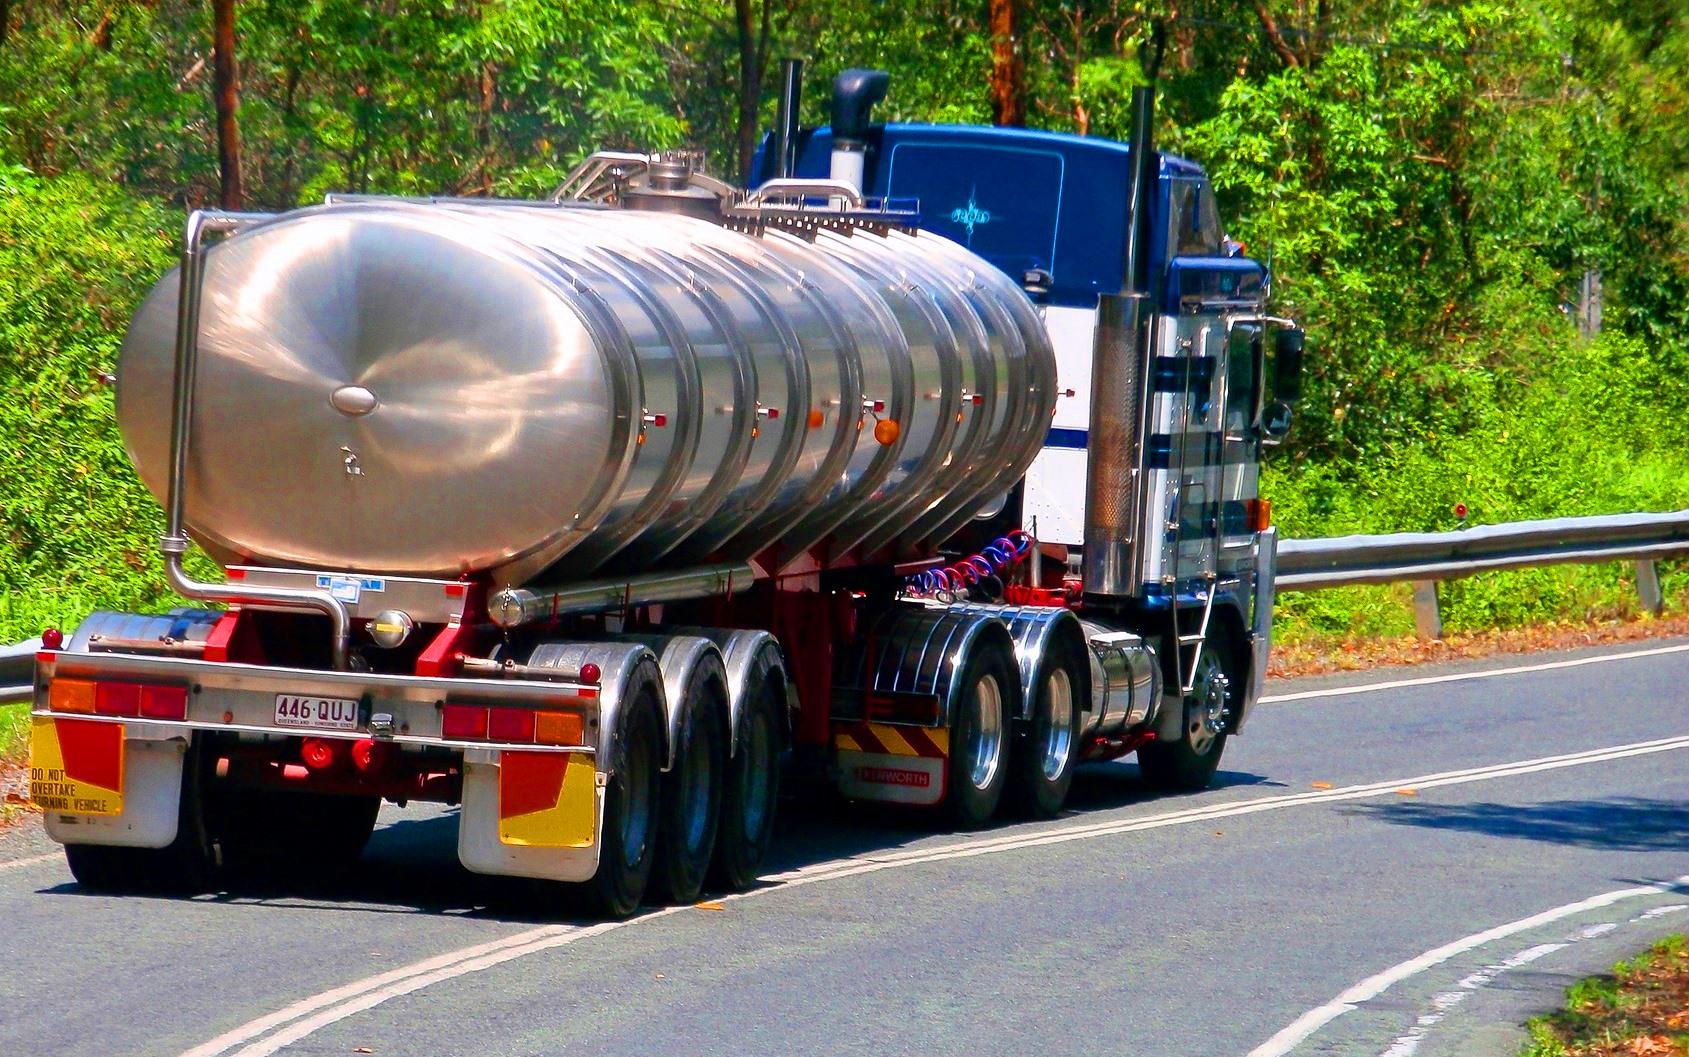 Паспорт обеспечения транспортной безопасности транспортного средства Росавтодора, полуприцеп для опасных грузов